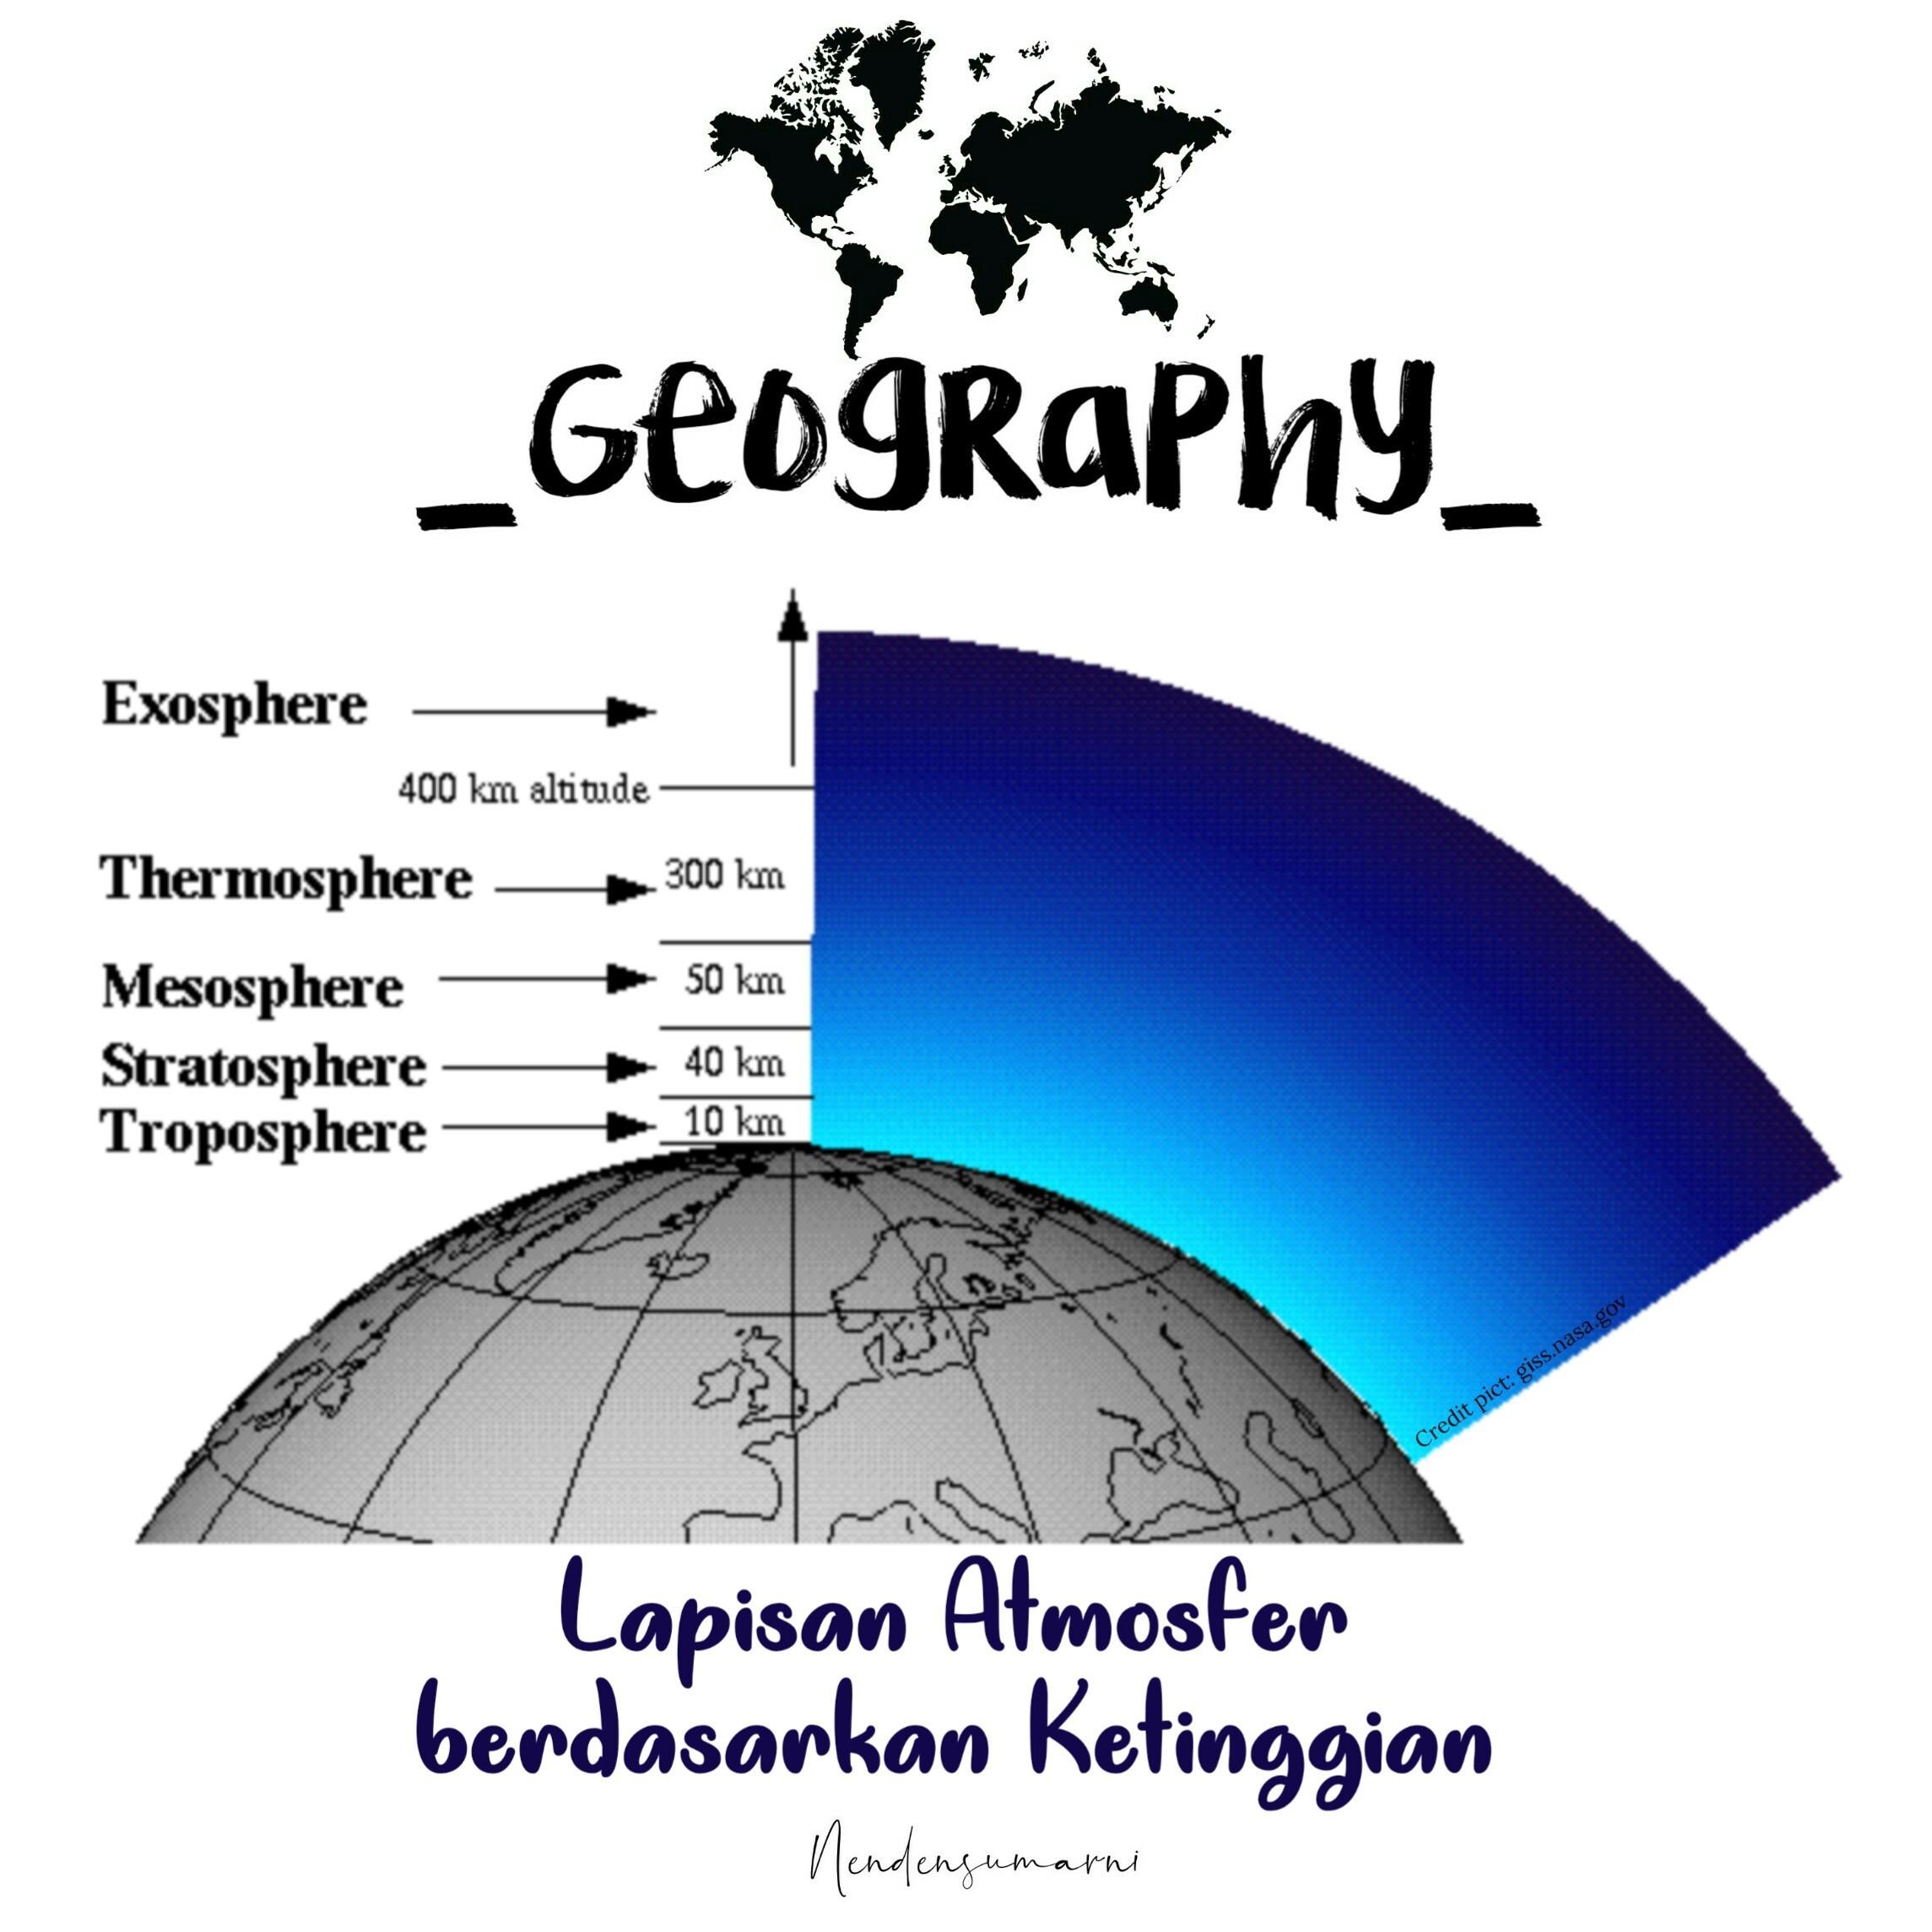 pernyataan yang benar tentang lapisan stratosfer adalah?a ...